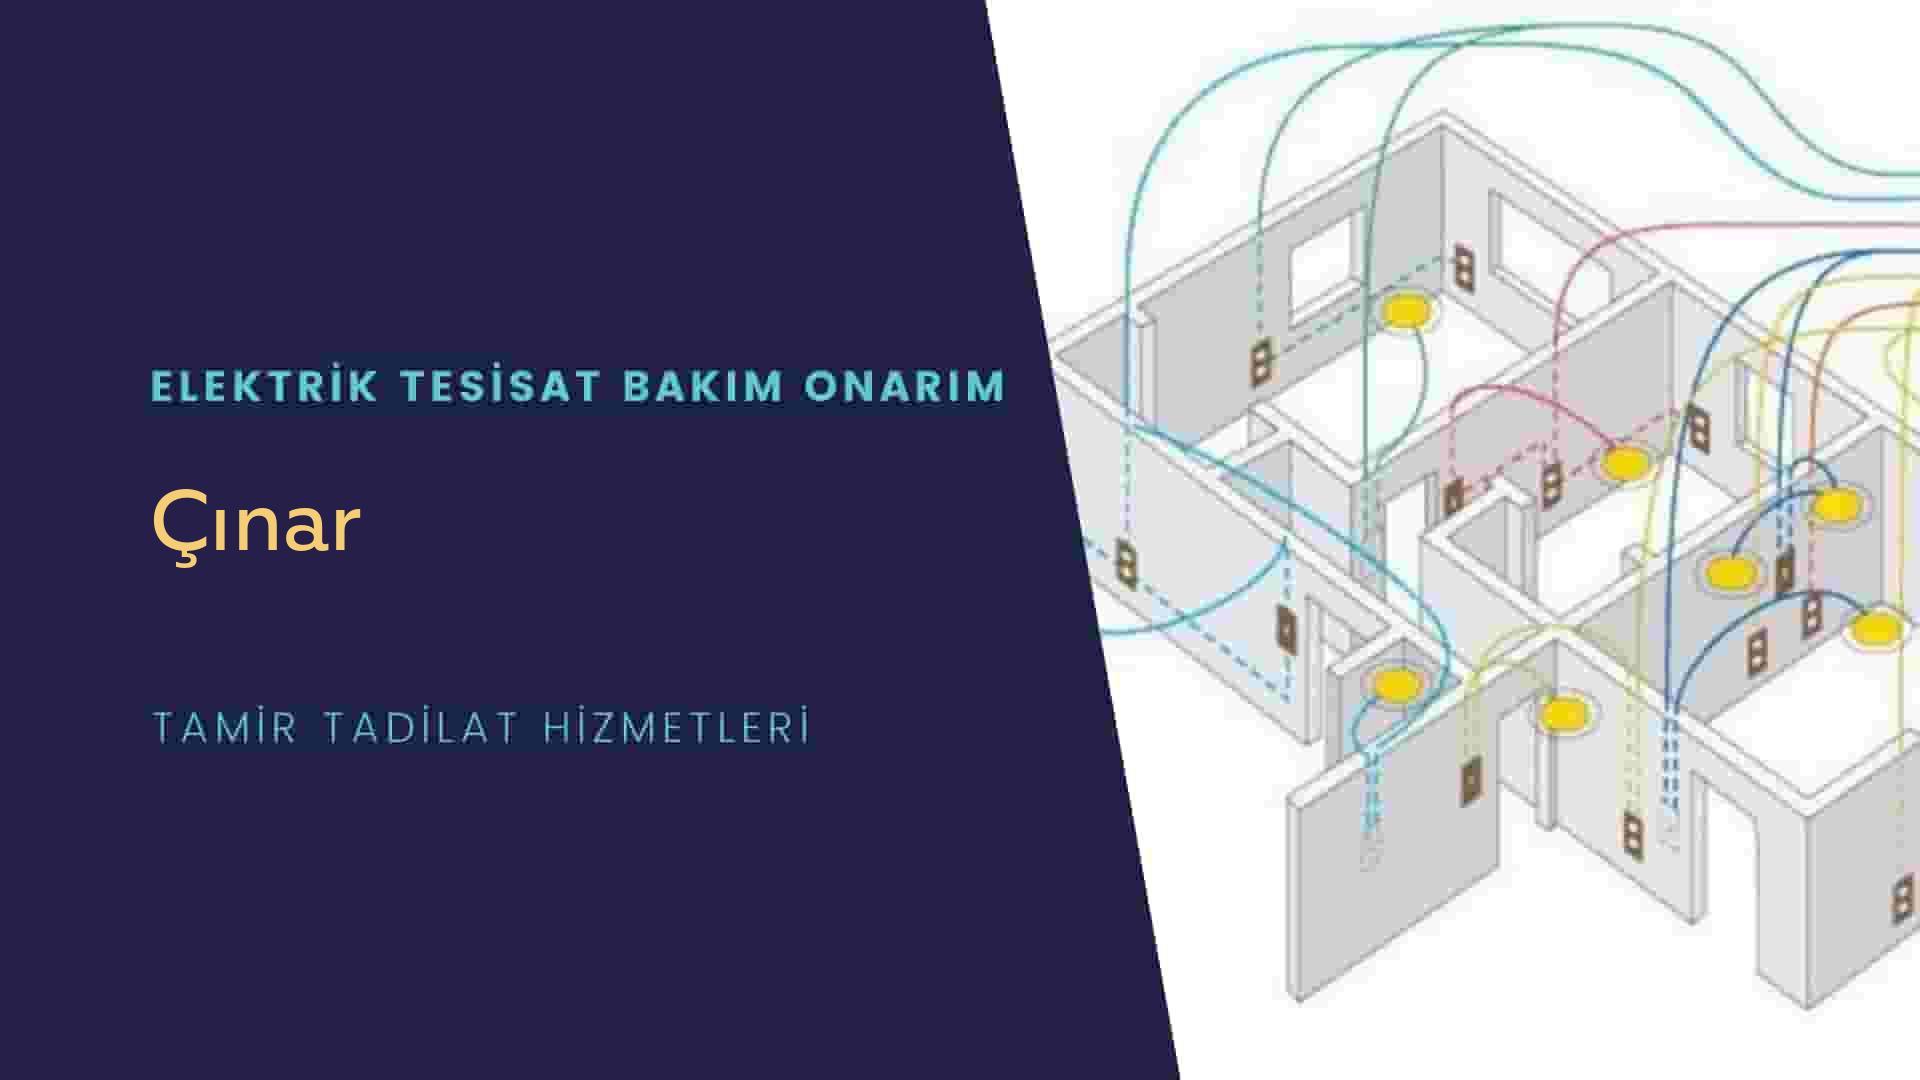 Çınar'da elektrik tesisatıustalarımı arıyorsunuz doğru adrestenizi Çınar elektrik tesisatı ustalarımız 7/24 sizlere hizmet vermekten mutluluk duyar.